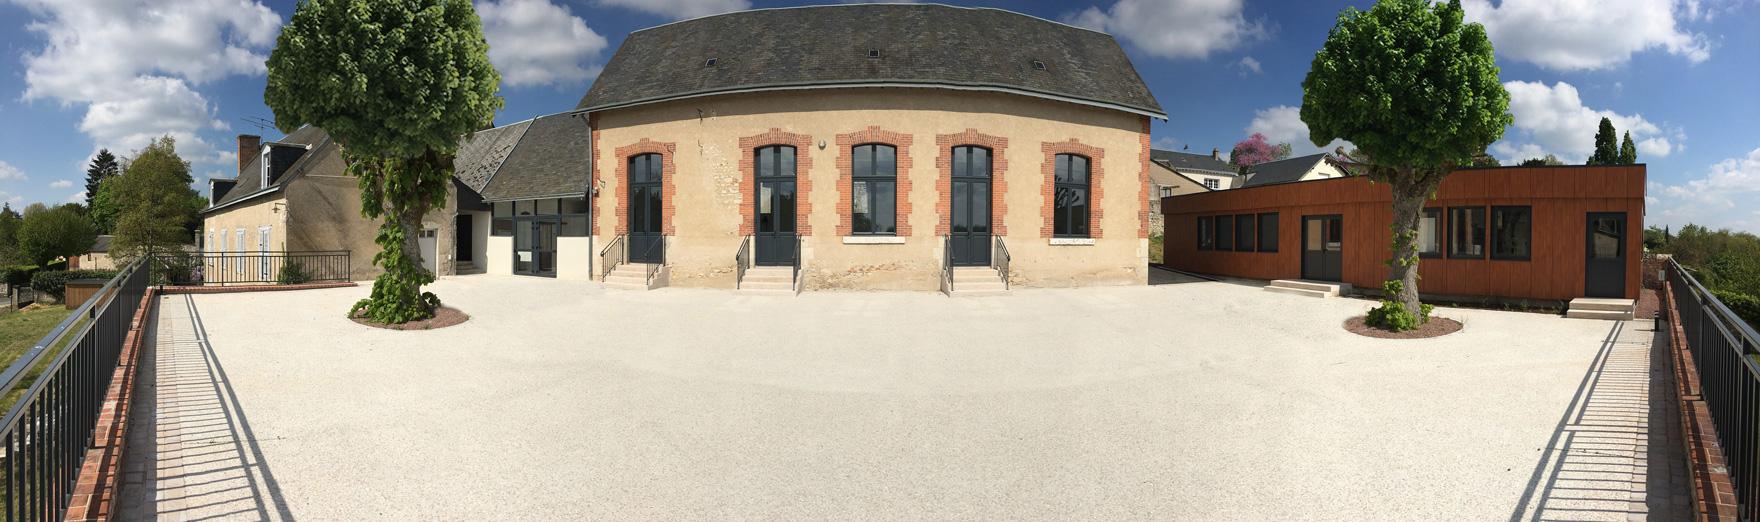 L'Ecole Buissonnière - réunions - evenements - cuisine - entreprises - la chaussee saint victor - blois - 41